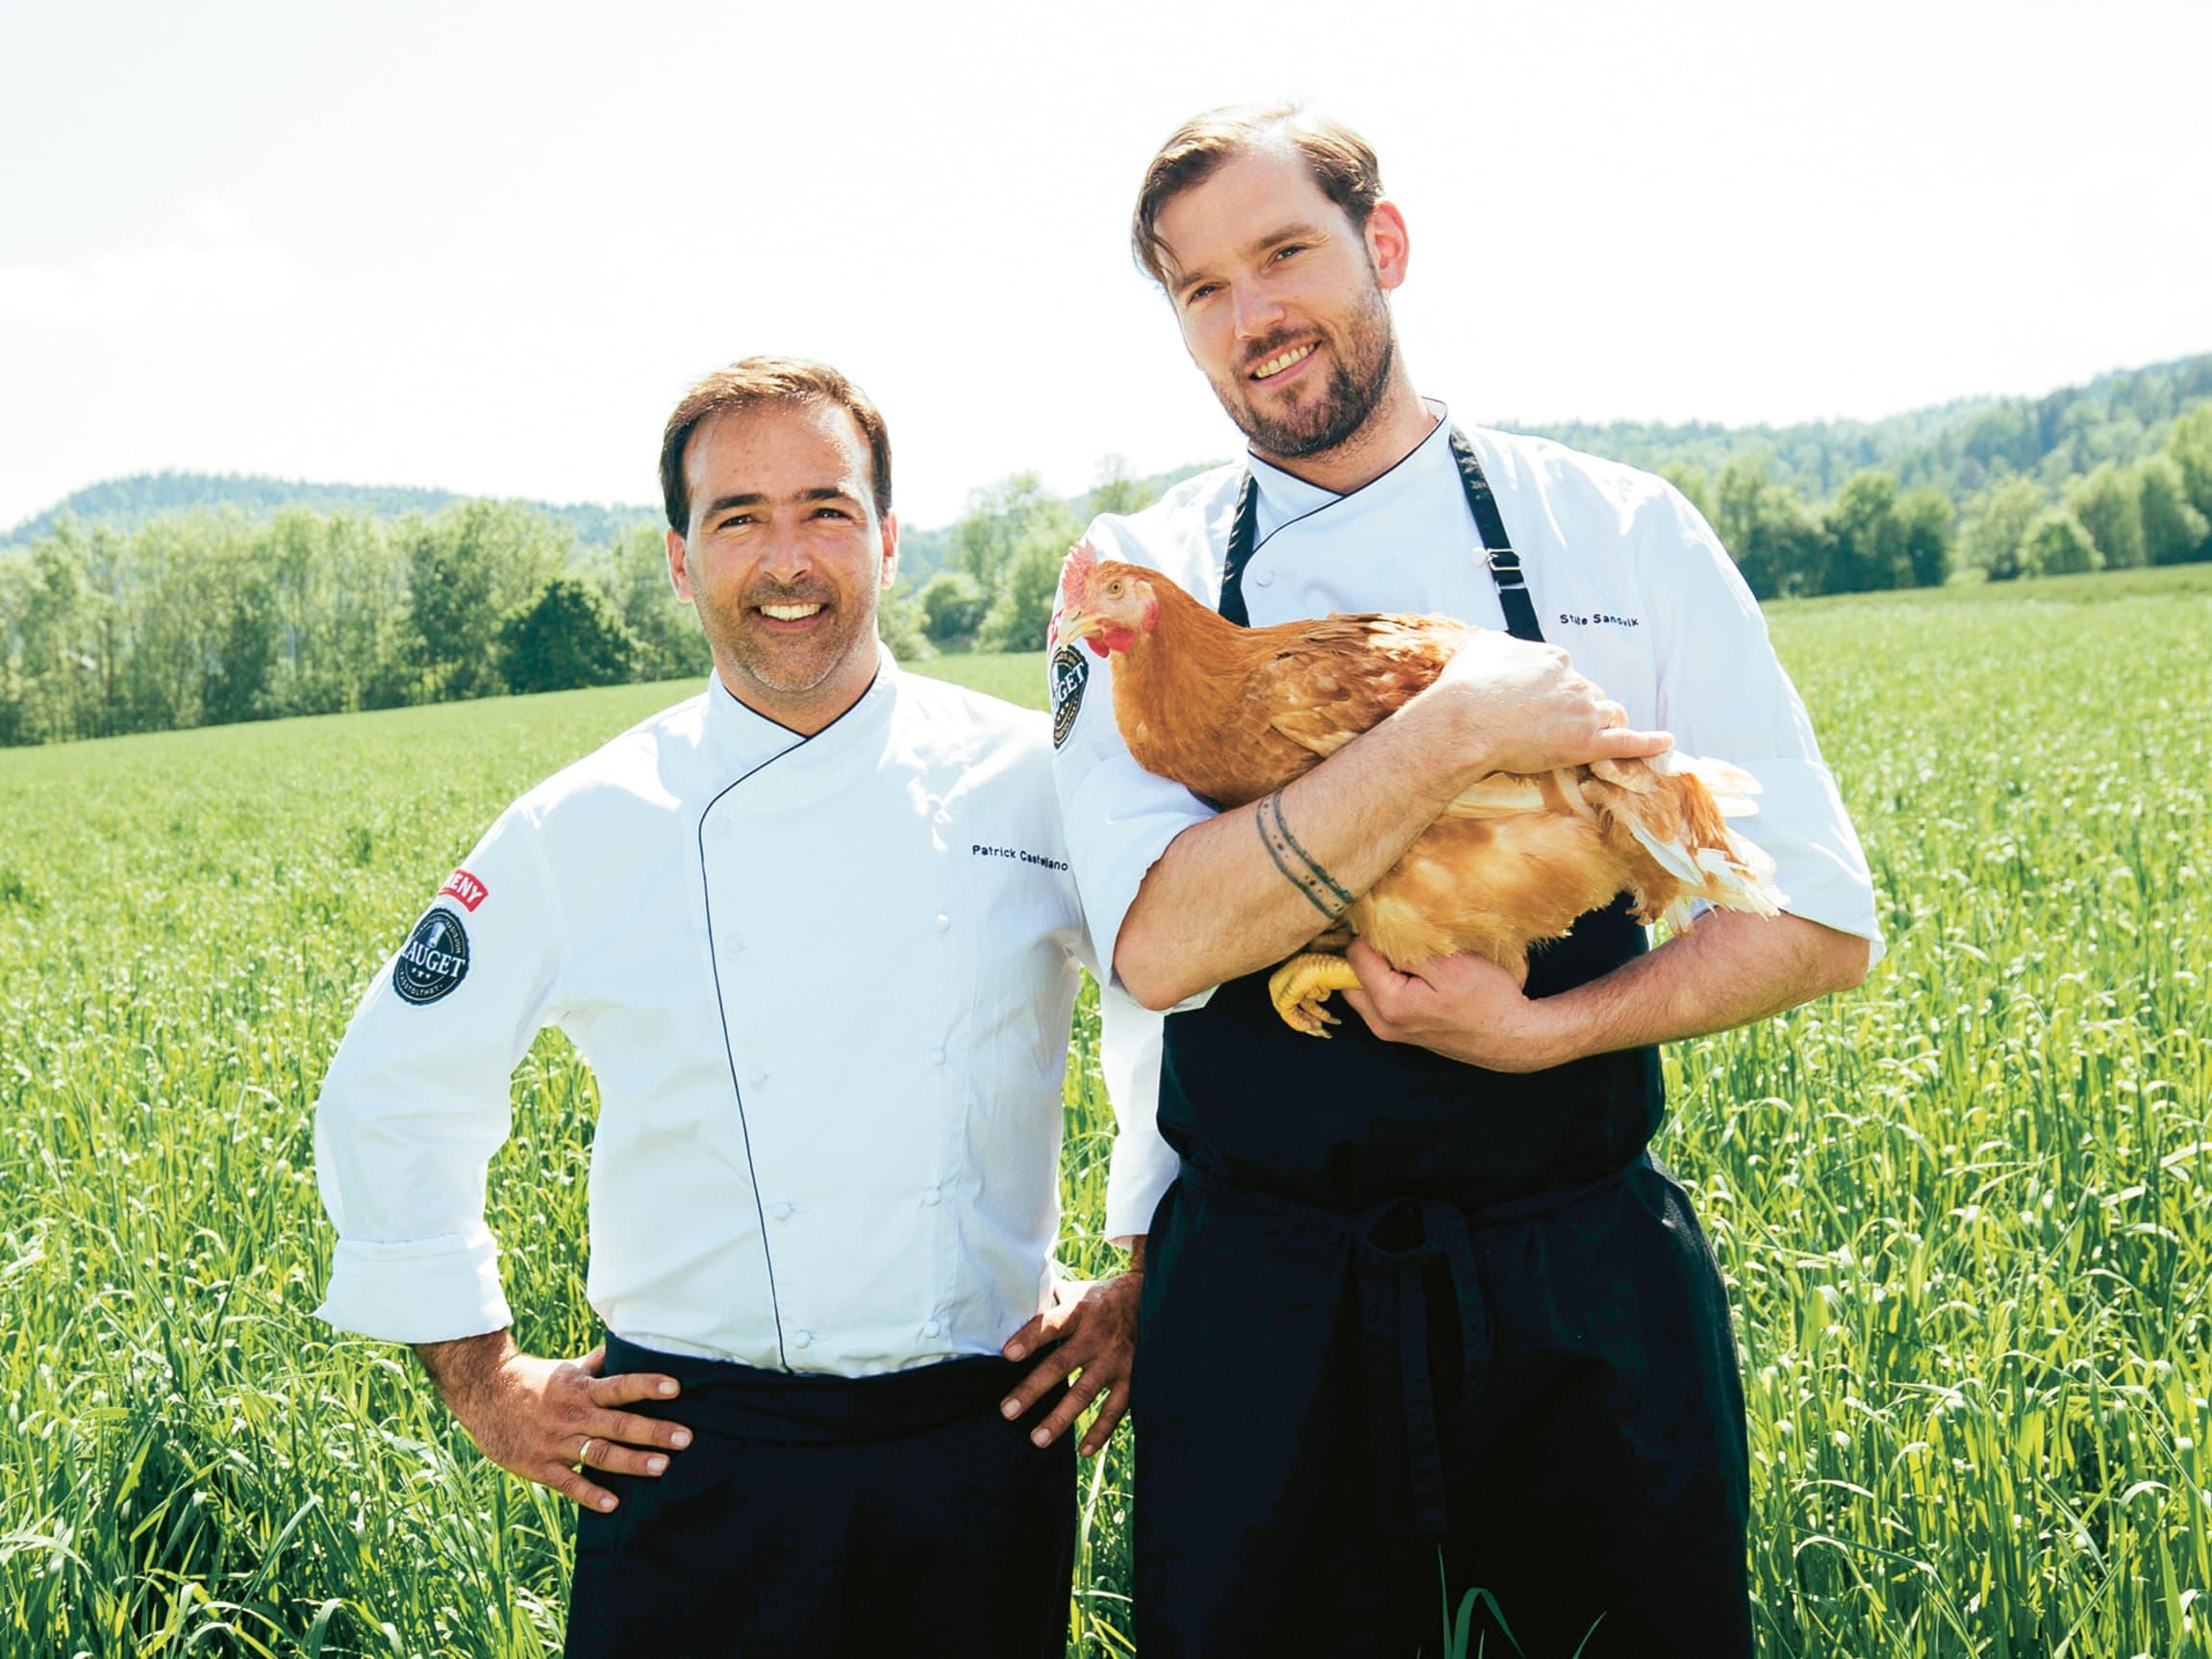 I MENY har vi i mange år hatt fokus på dyrevelferd og nettopp derfor lanserte vi høsten 2016 en helt ny saktevoksende kyllingrase i Norge, som ble til det beste alternativet i Norge for dem som er opptatt av dyrevelferd.